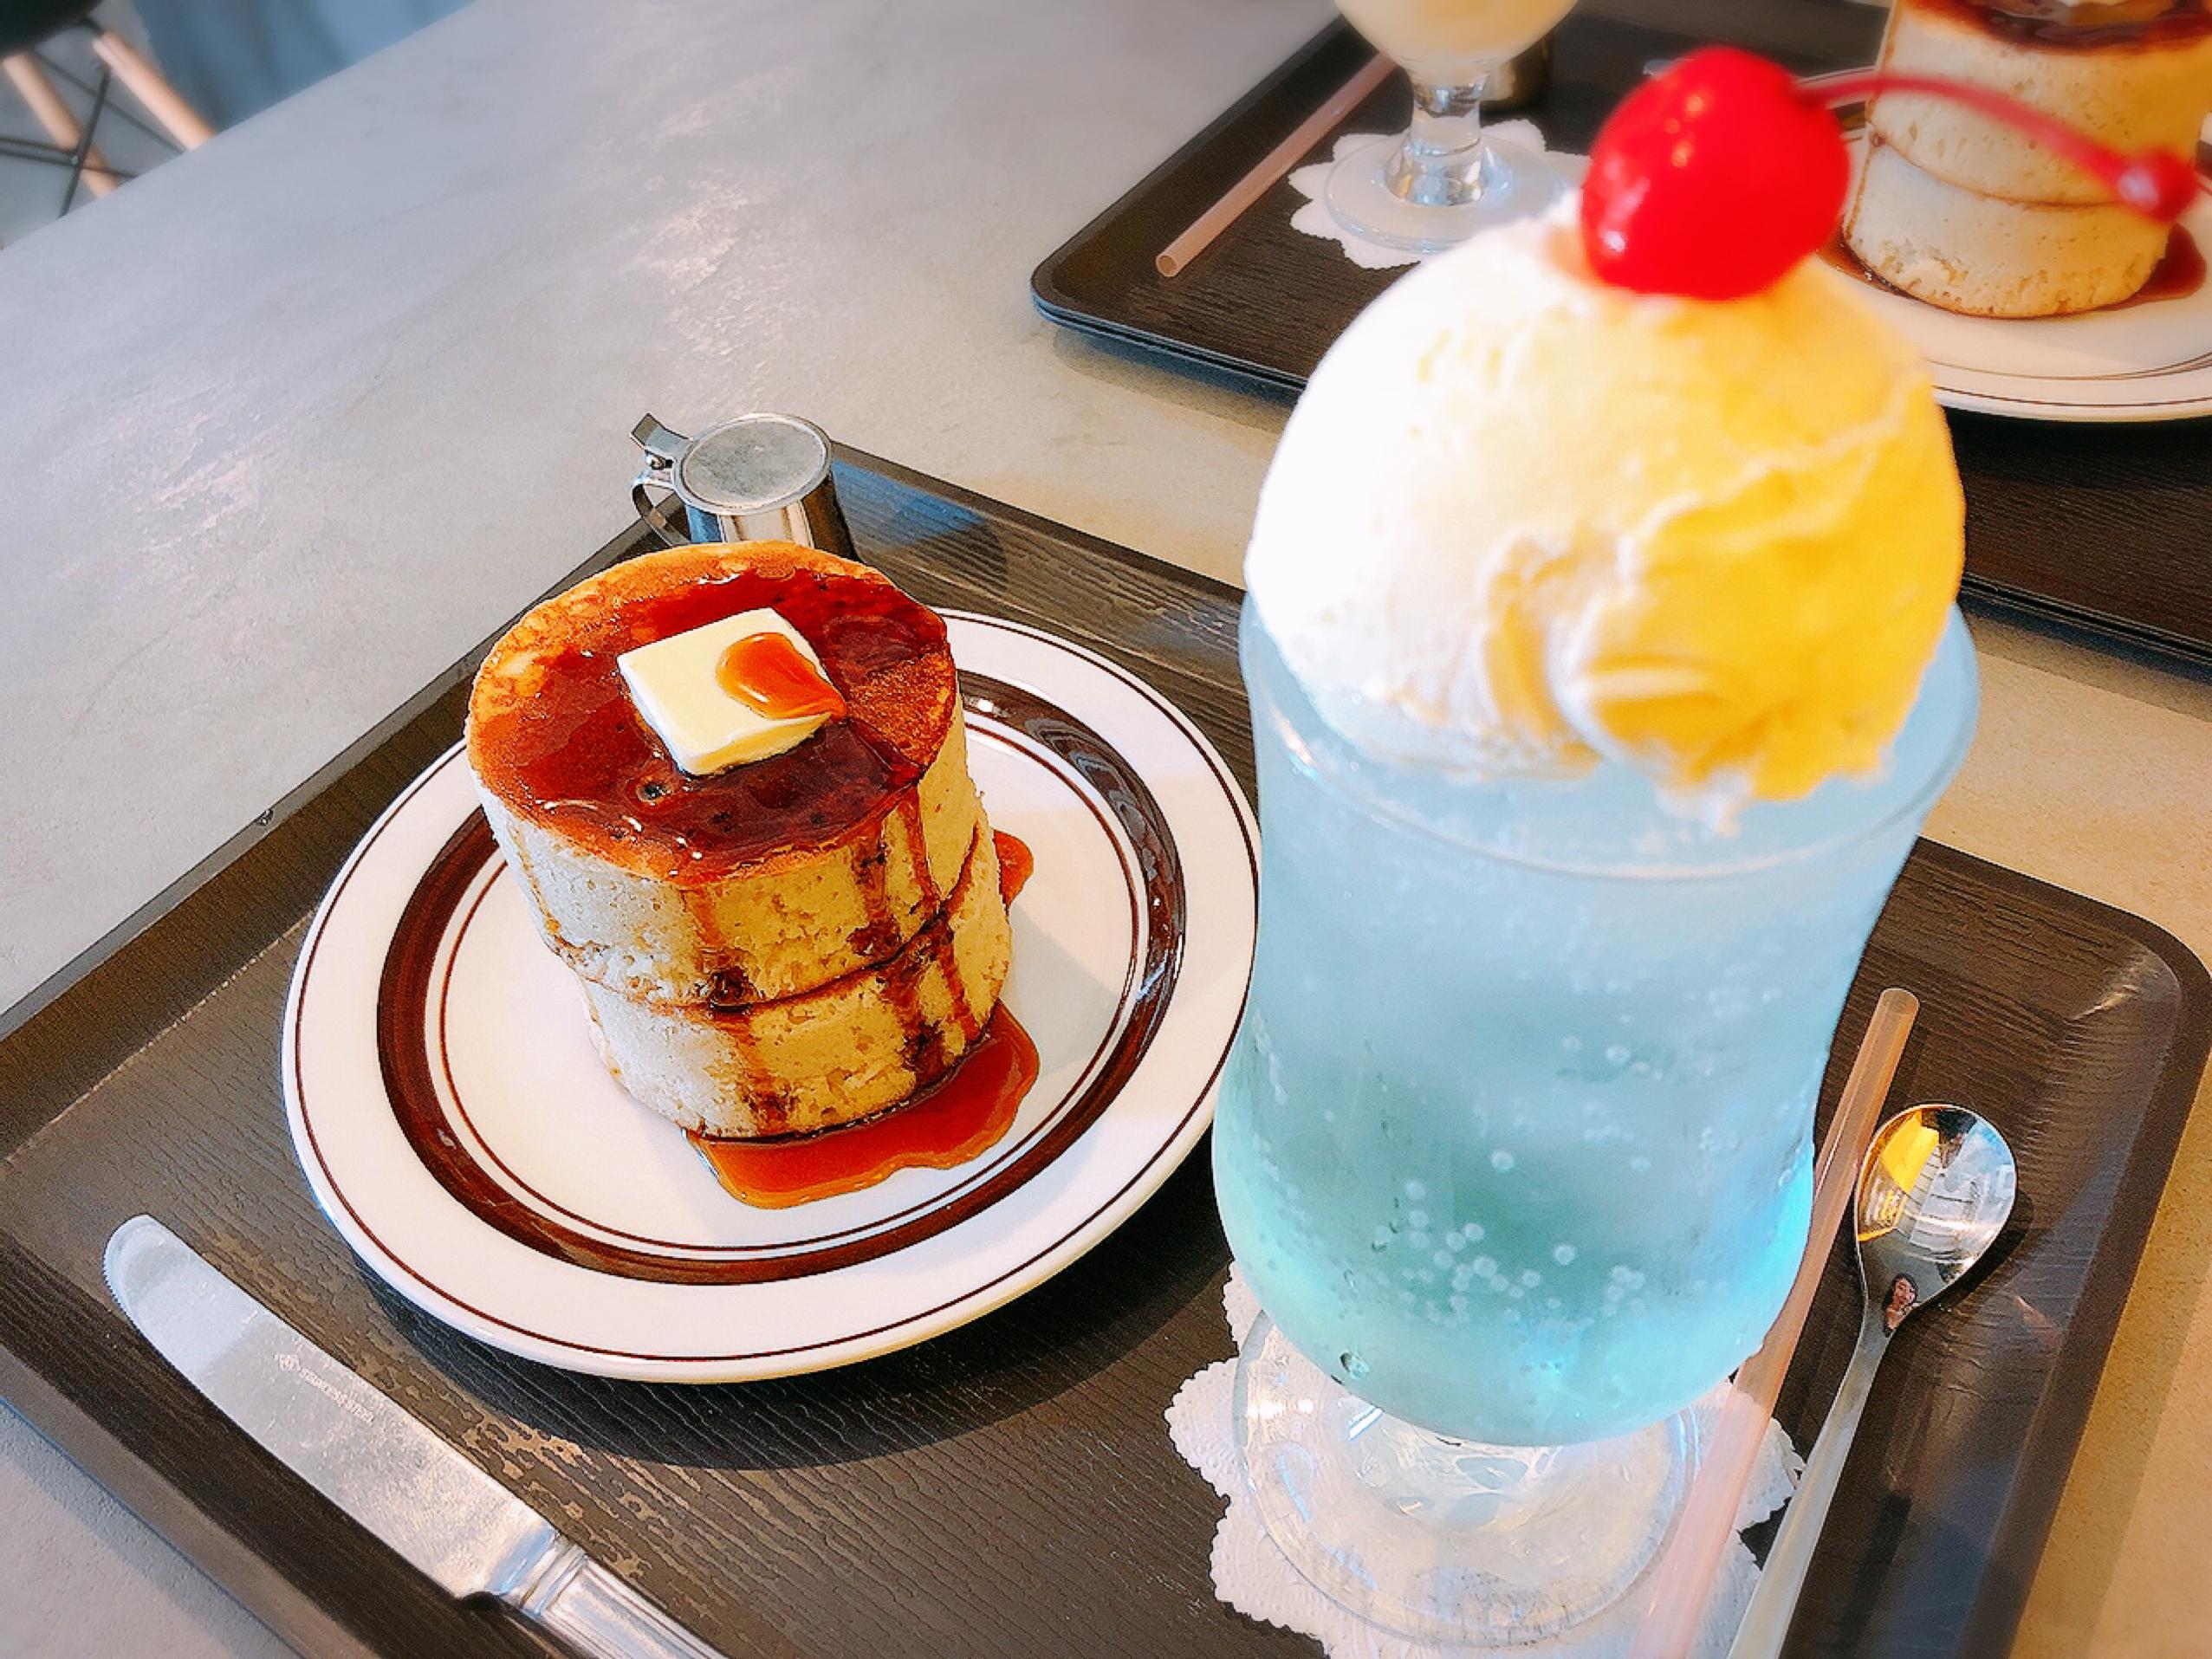 【#静岡】空色クリームソーダとふかふか3Dホットケーキ♡純喫茶風のモダンなカフェ《8COFFEE》_8